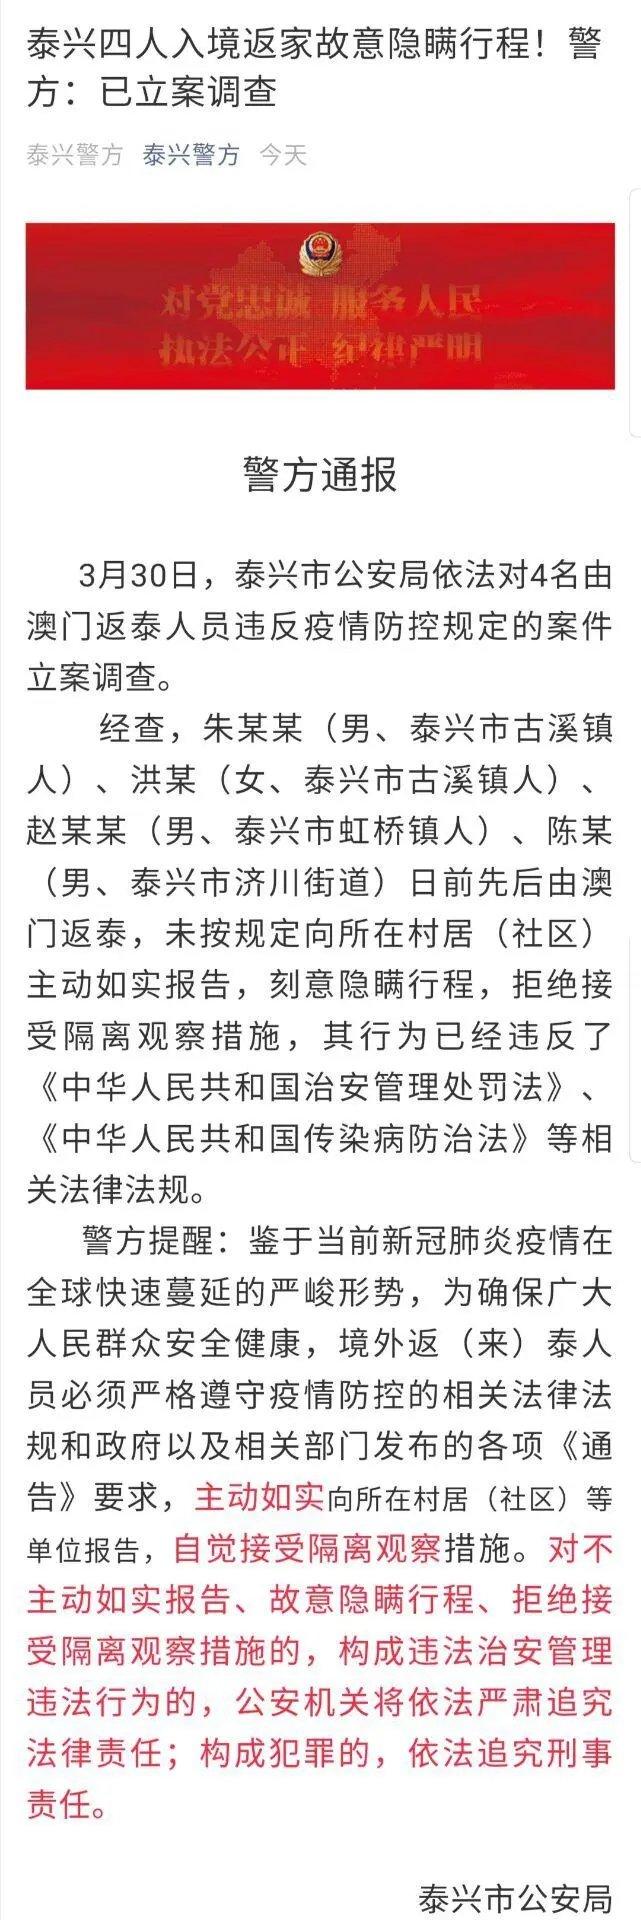 江苏泰兴四人入境返家故意隐瞒行程被依法立案调查